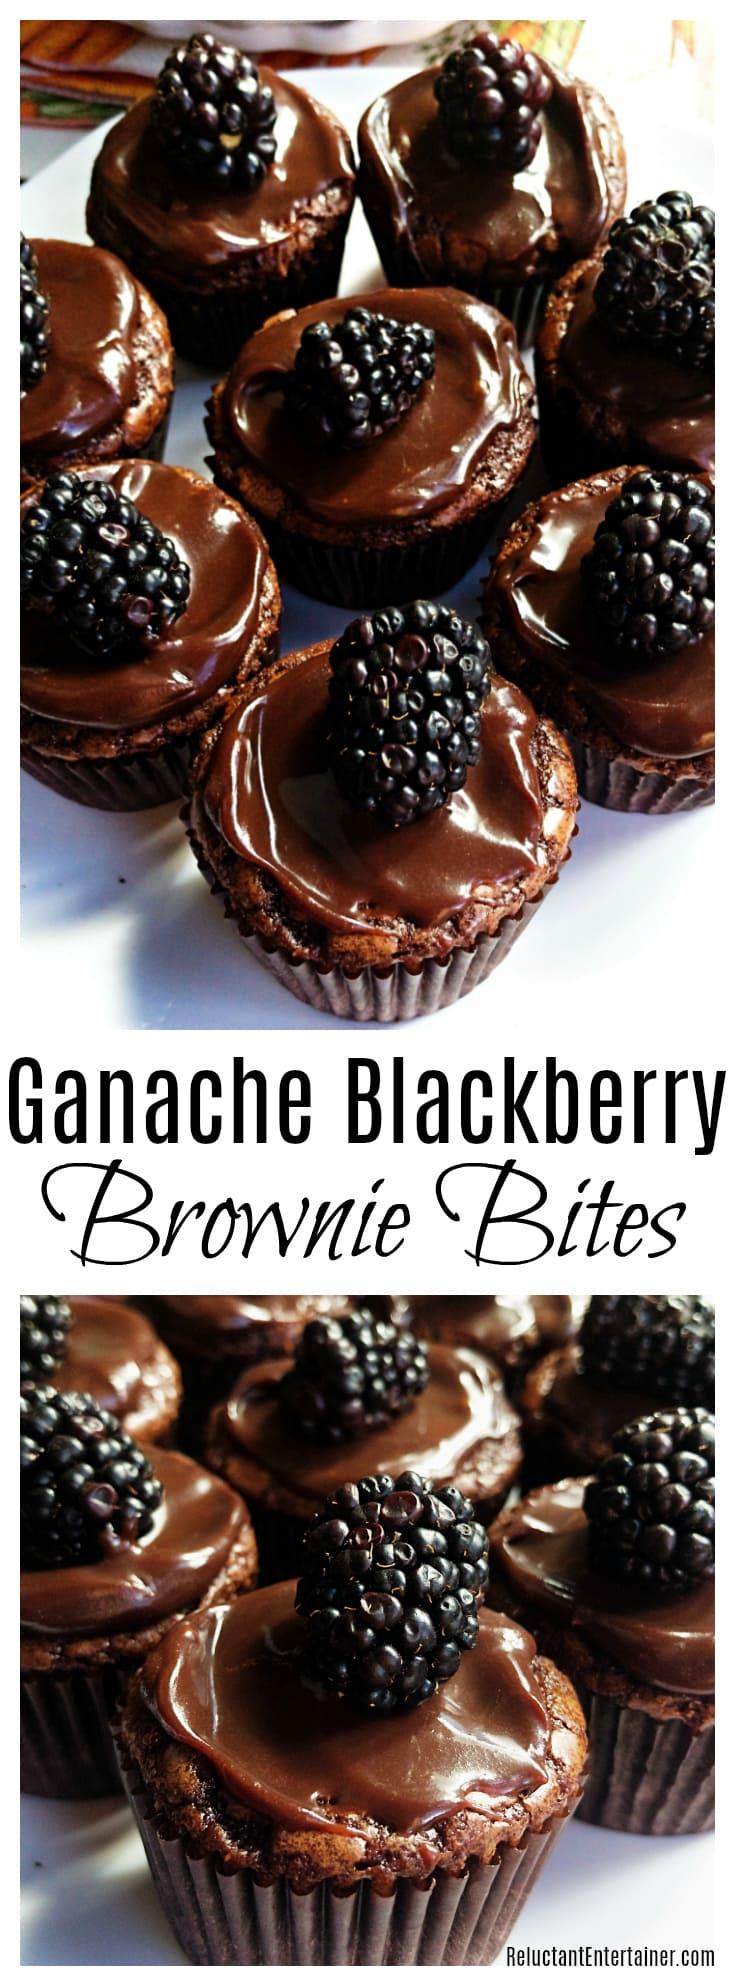 Ganache Blackberry Brownie Bites